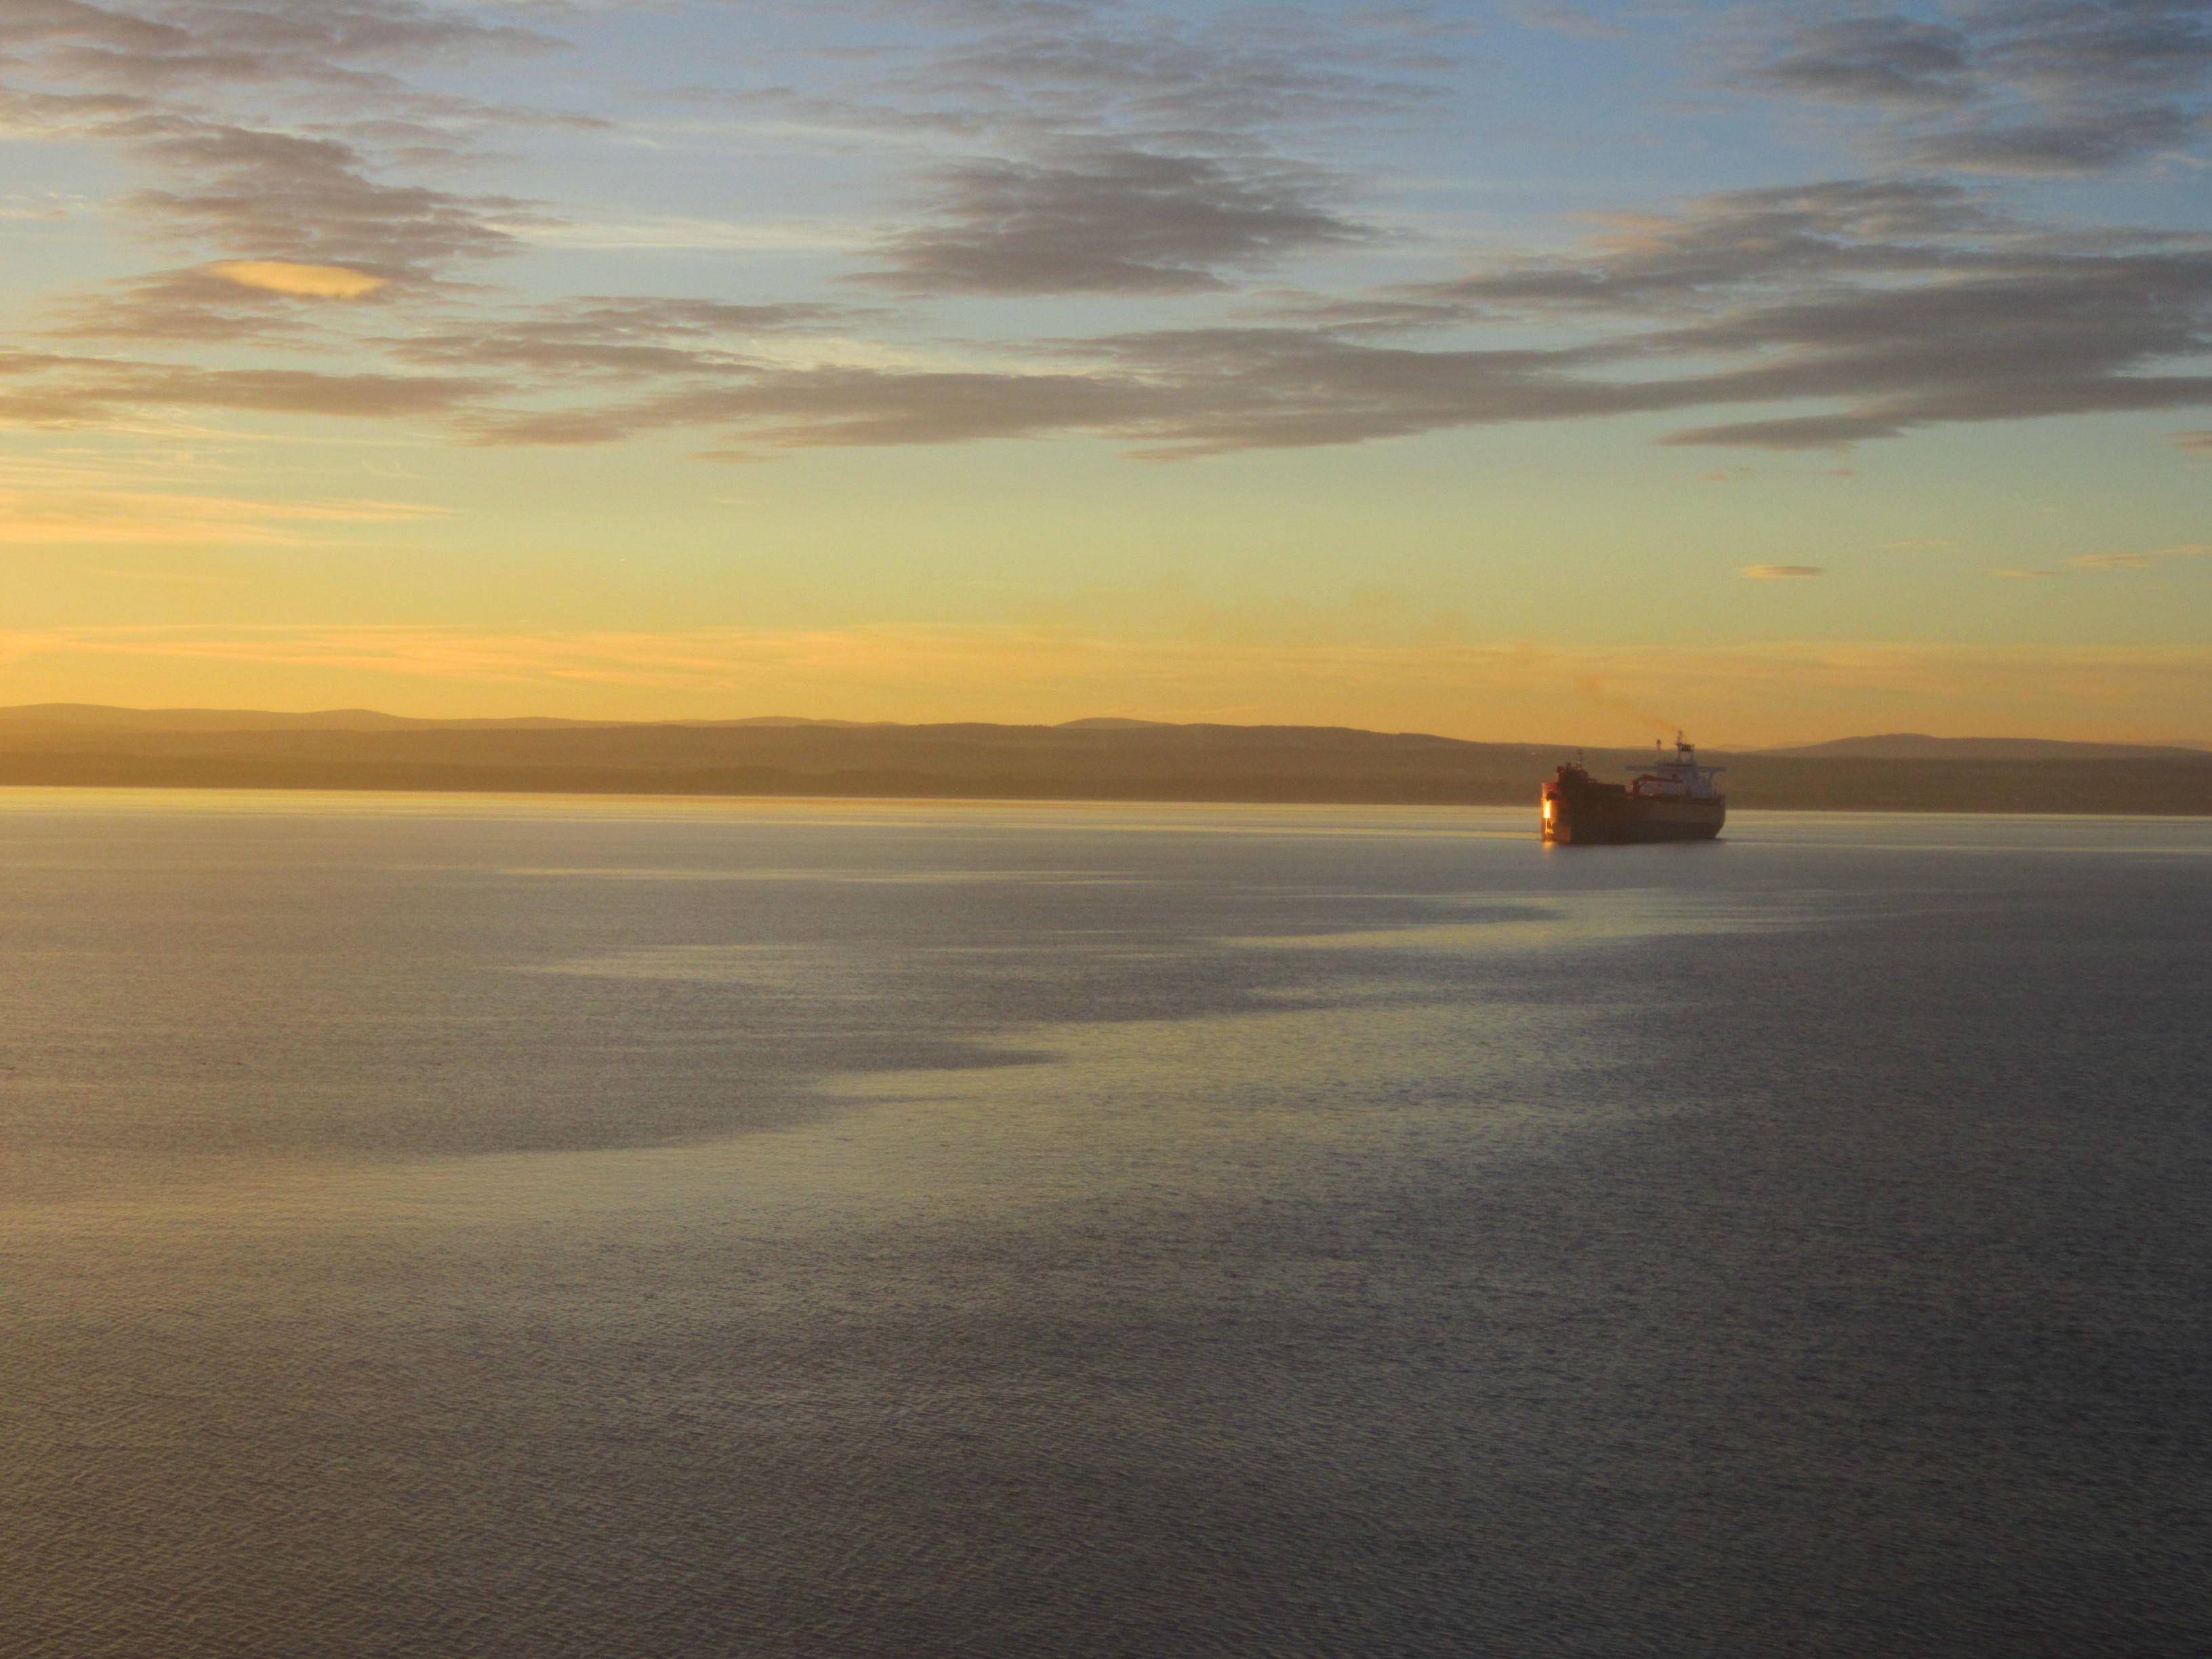 Sail away Petronordic